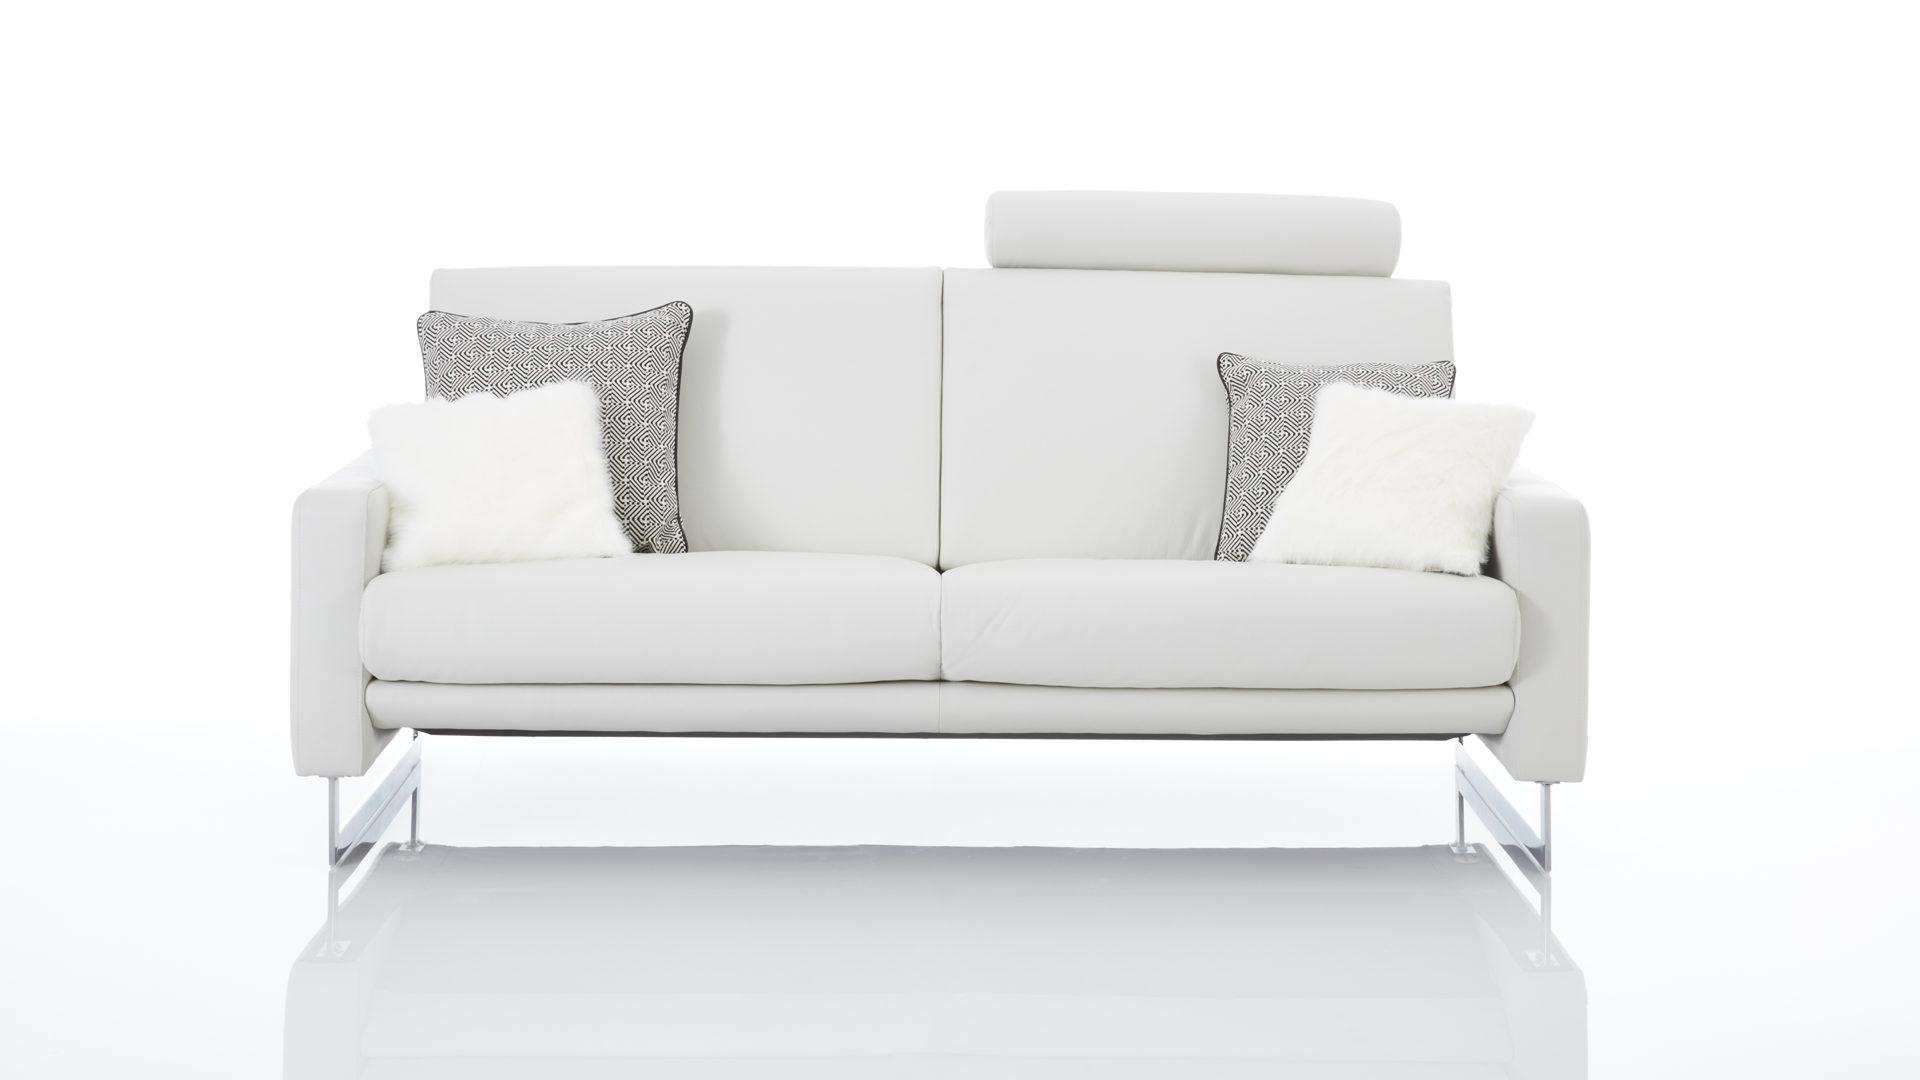 Interliving Sofa Serie 4001 Dreisitzer Mit Federkern Weißes Leder